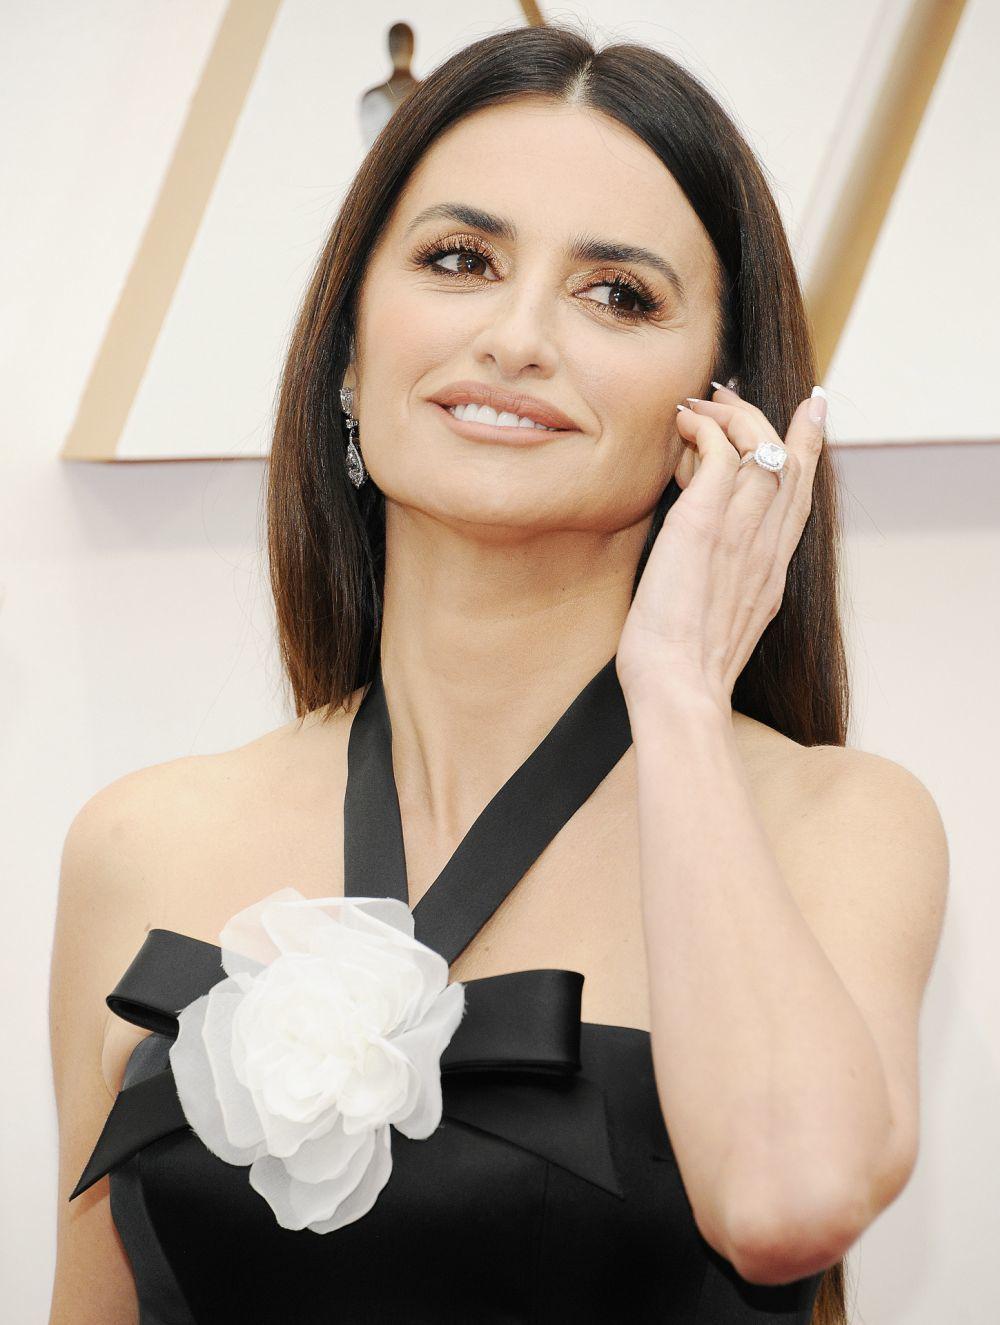 Penélope Cruz en los Oscar 2020 llevó el labial nude Coeur de Rubis de Lancôme.